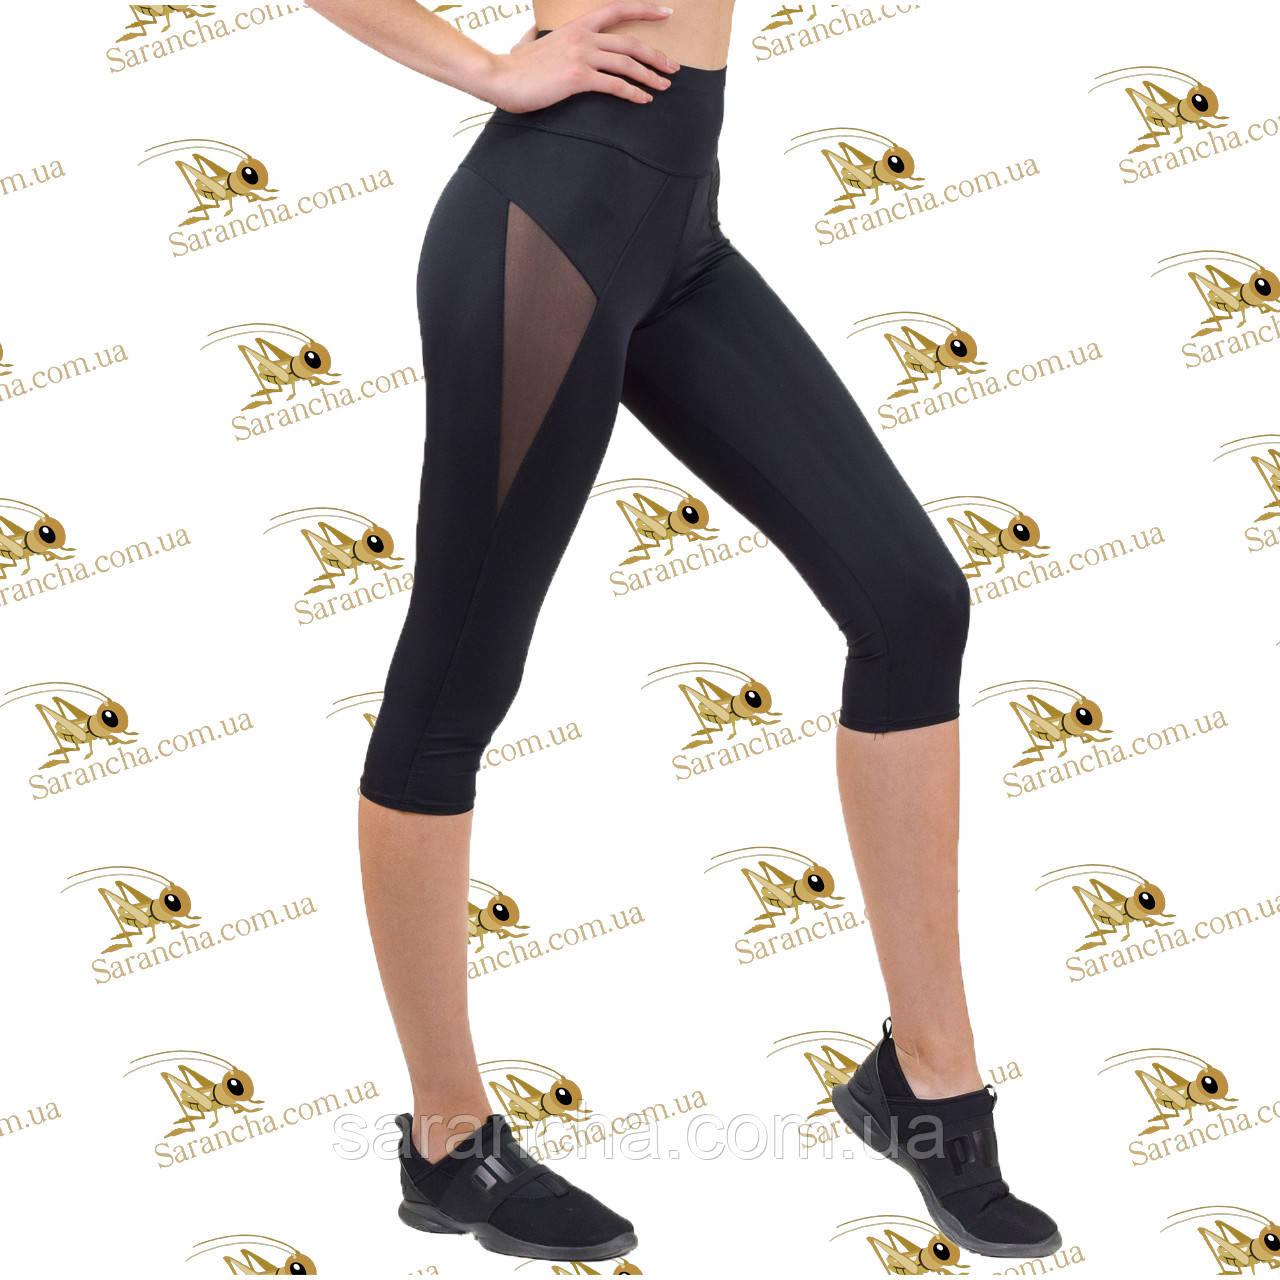 Жіночі спортивні бриджі чорного кольору